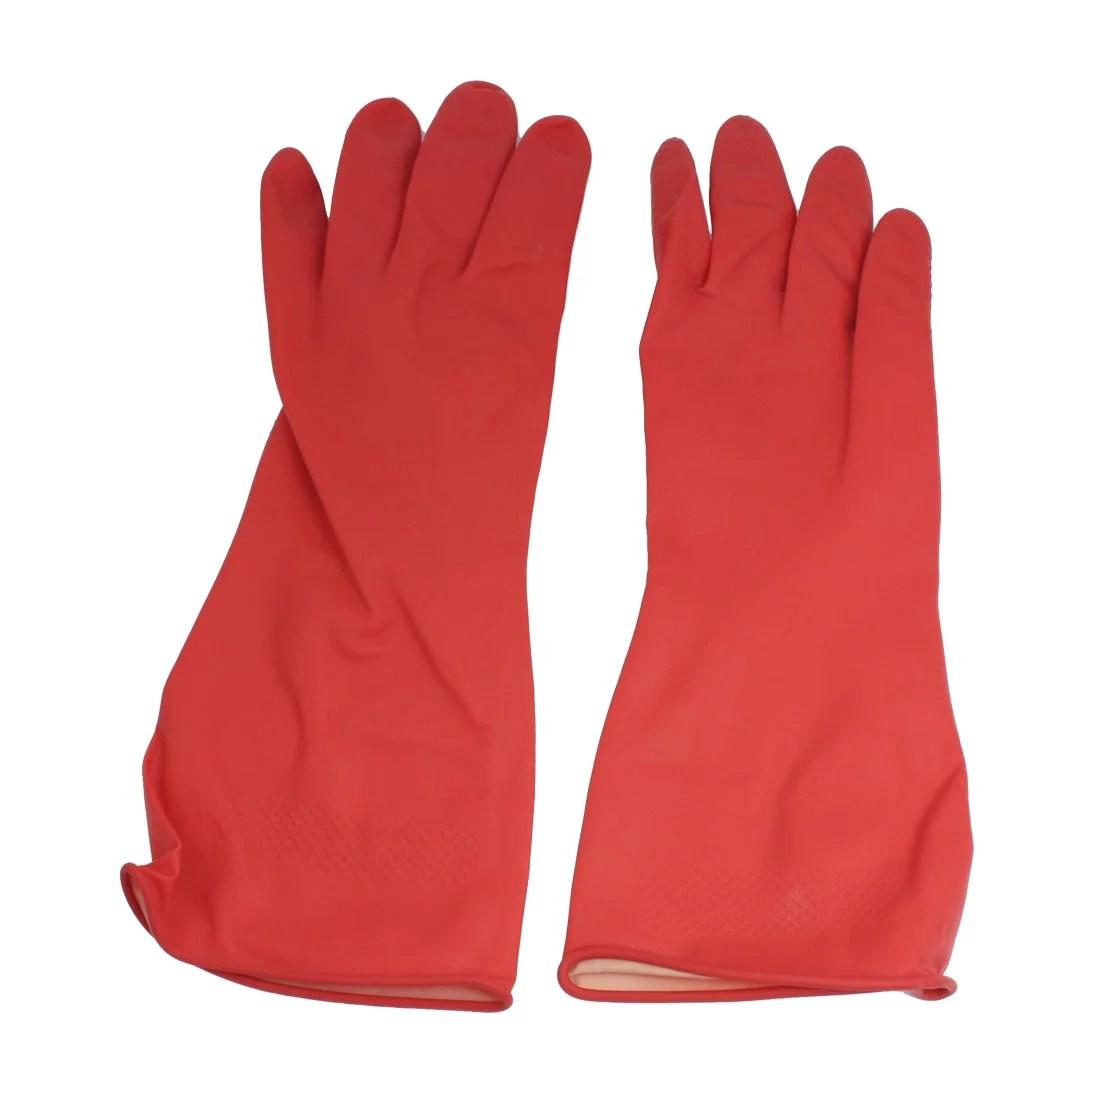 kitchen gloves faucet diverter unique bargains dishwashing wash clean latex rubber e5807cac 4c9b 4f72 a41c ed0c62b138af 1 a41d863eb0ca6497cec7bbb2f349701f jpeg odnbg ffffff